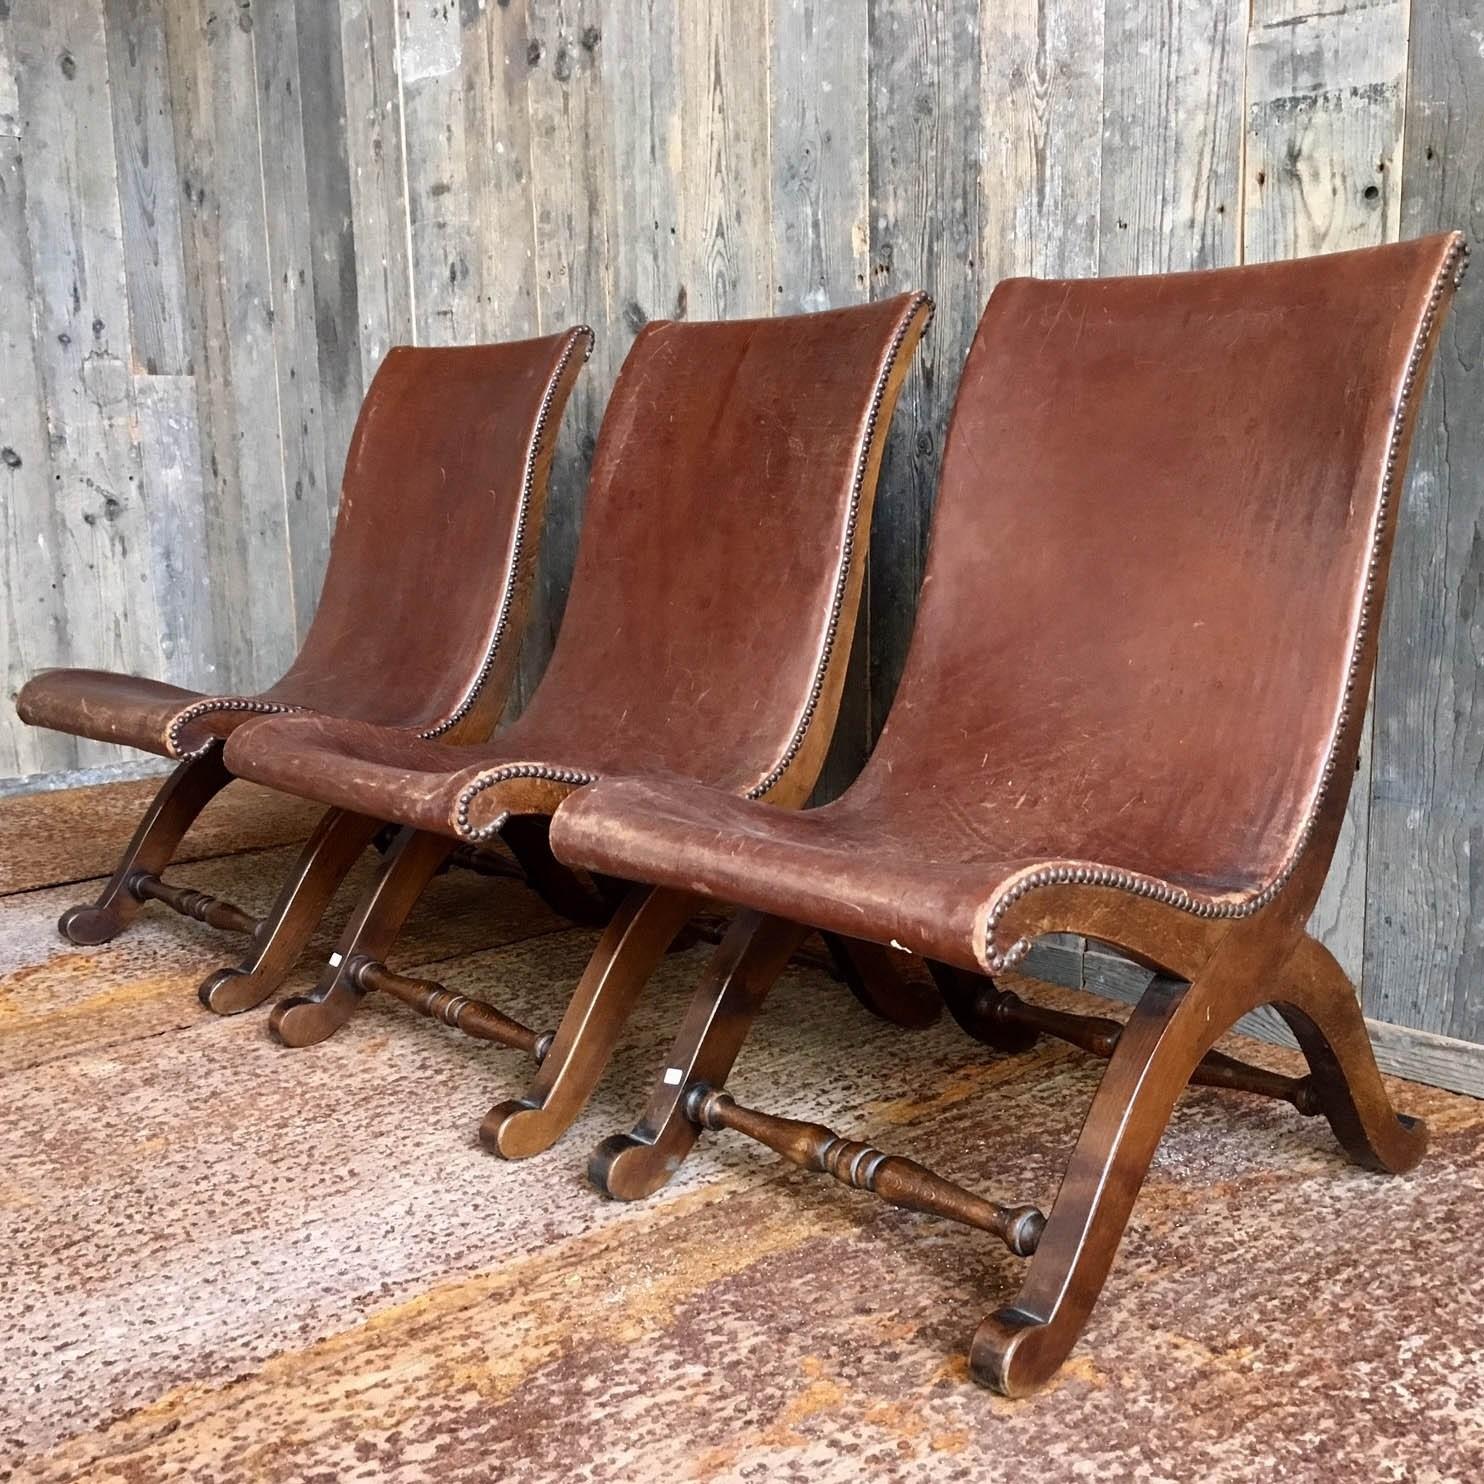 Slipper chairs Jaren '20 leren stoeltjes uit Spanje